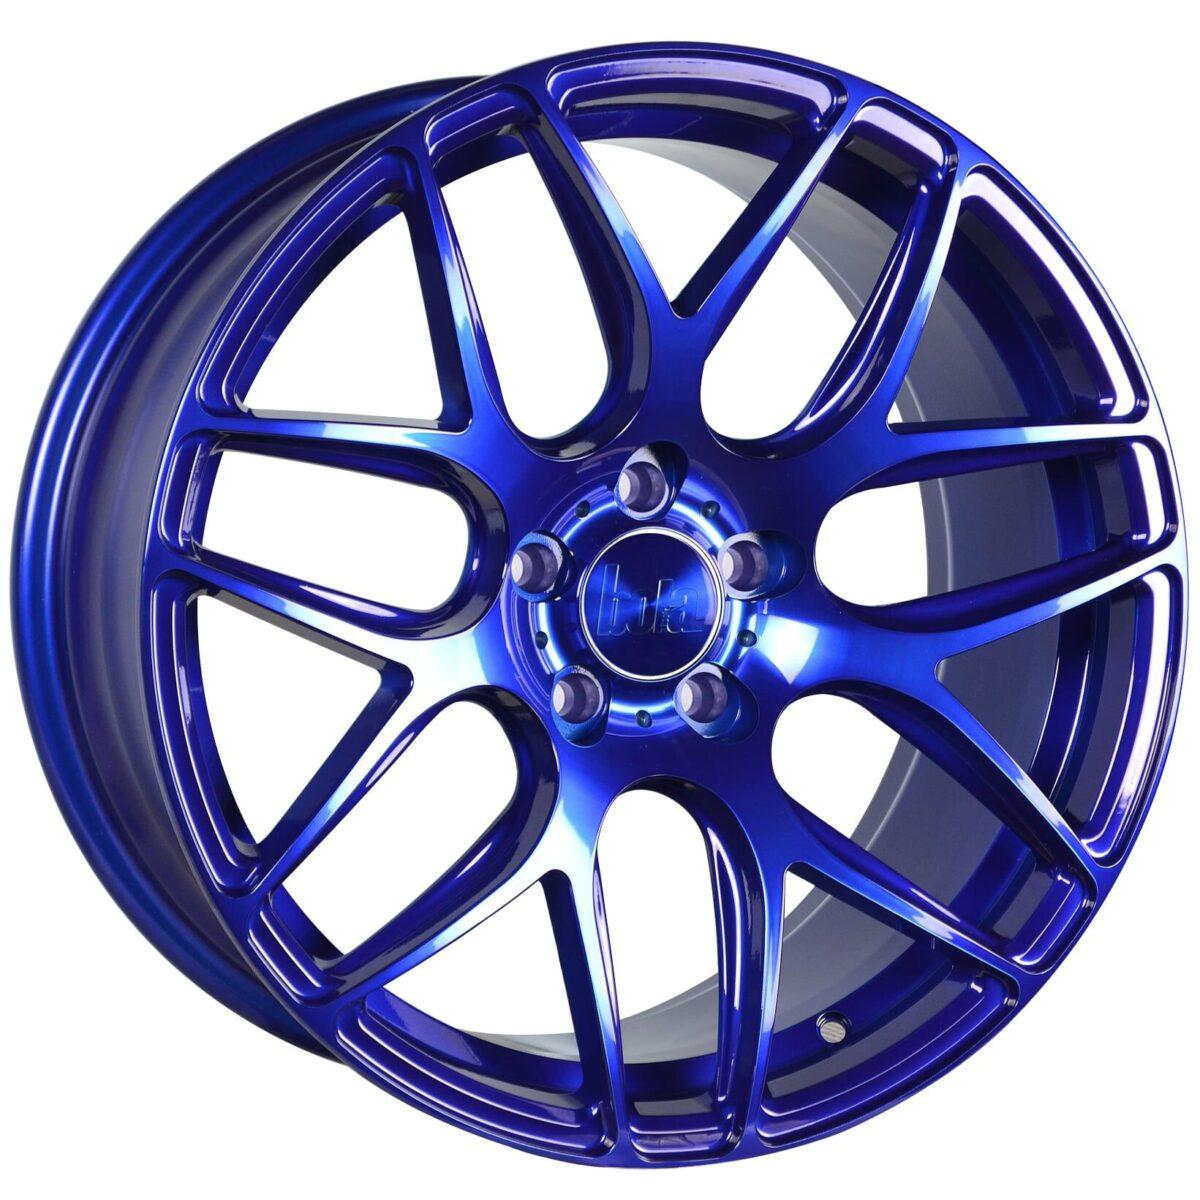 """18"""" BOLA B8R Wheels - Candy Blue - VW / Audi / Mercedes - 5x112"""